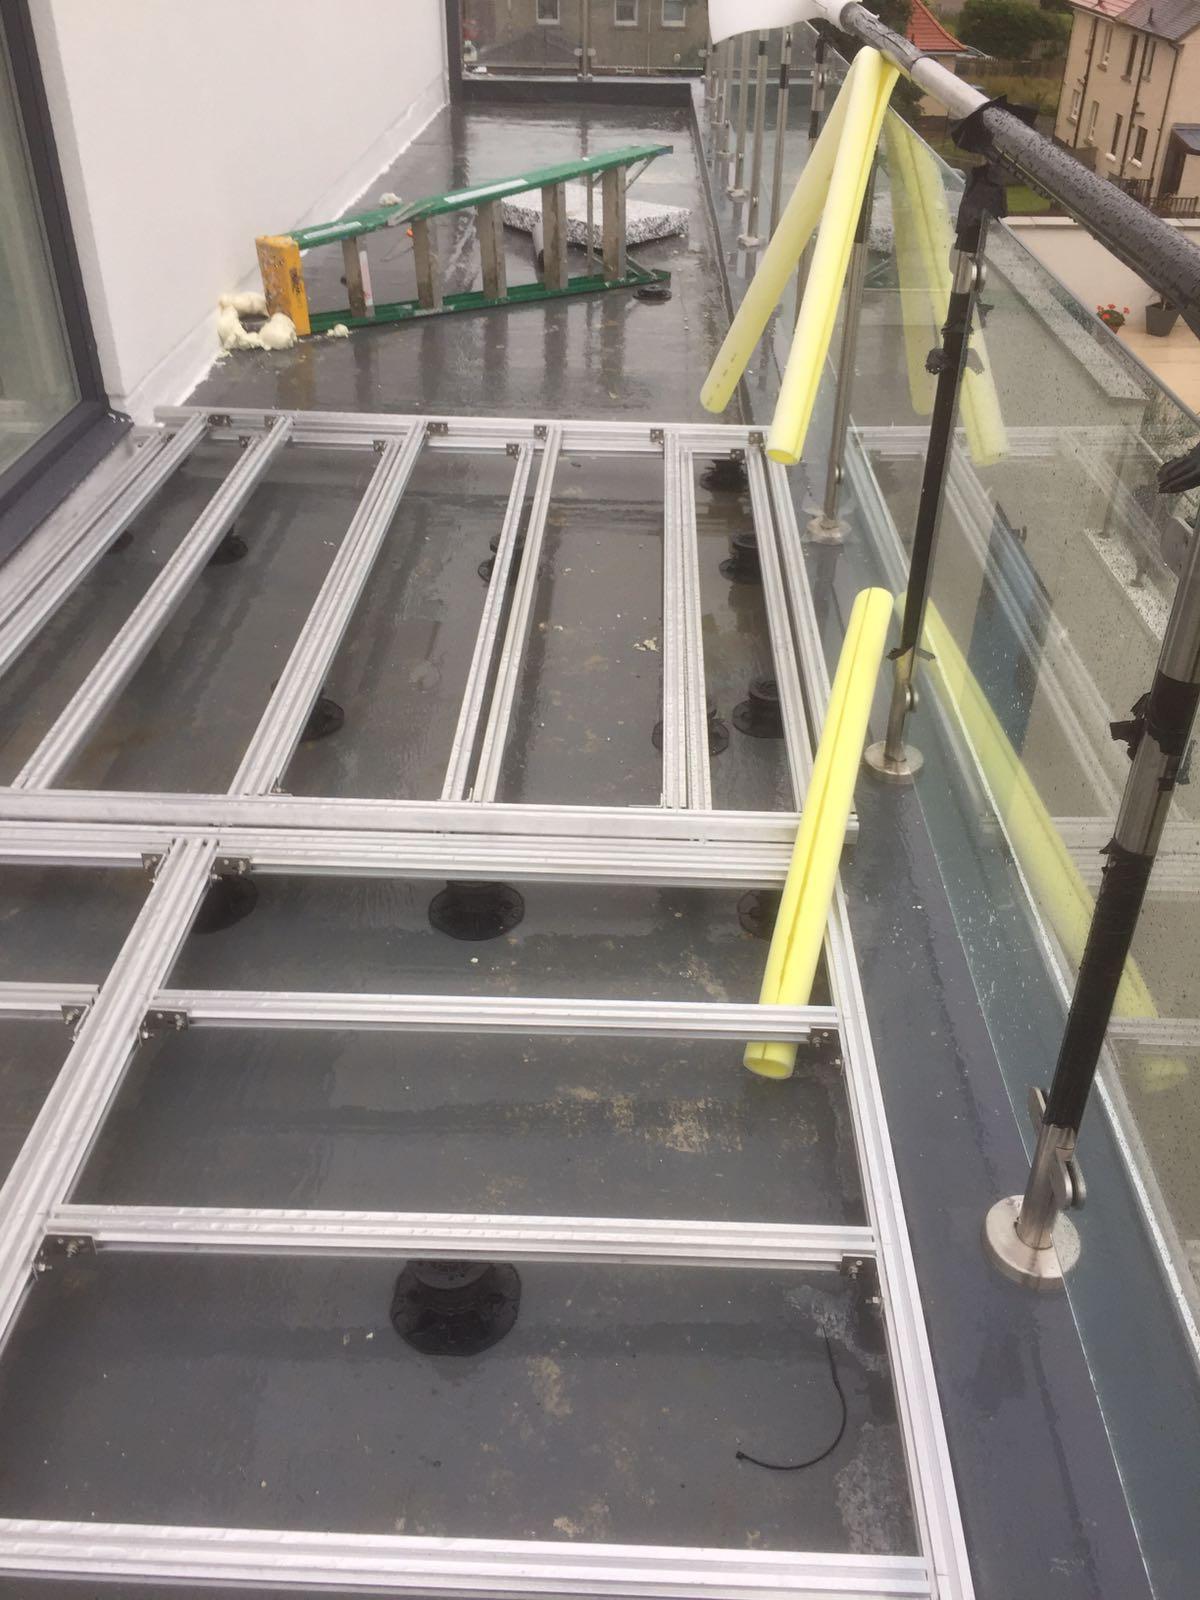 a;uminium decking joist substructure